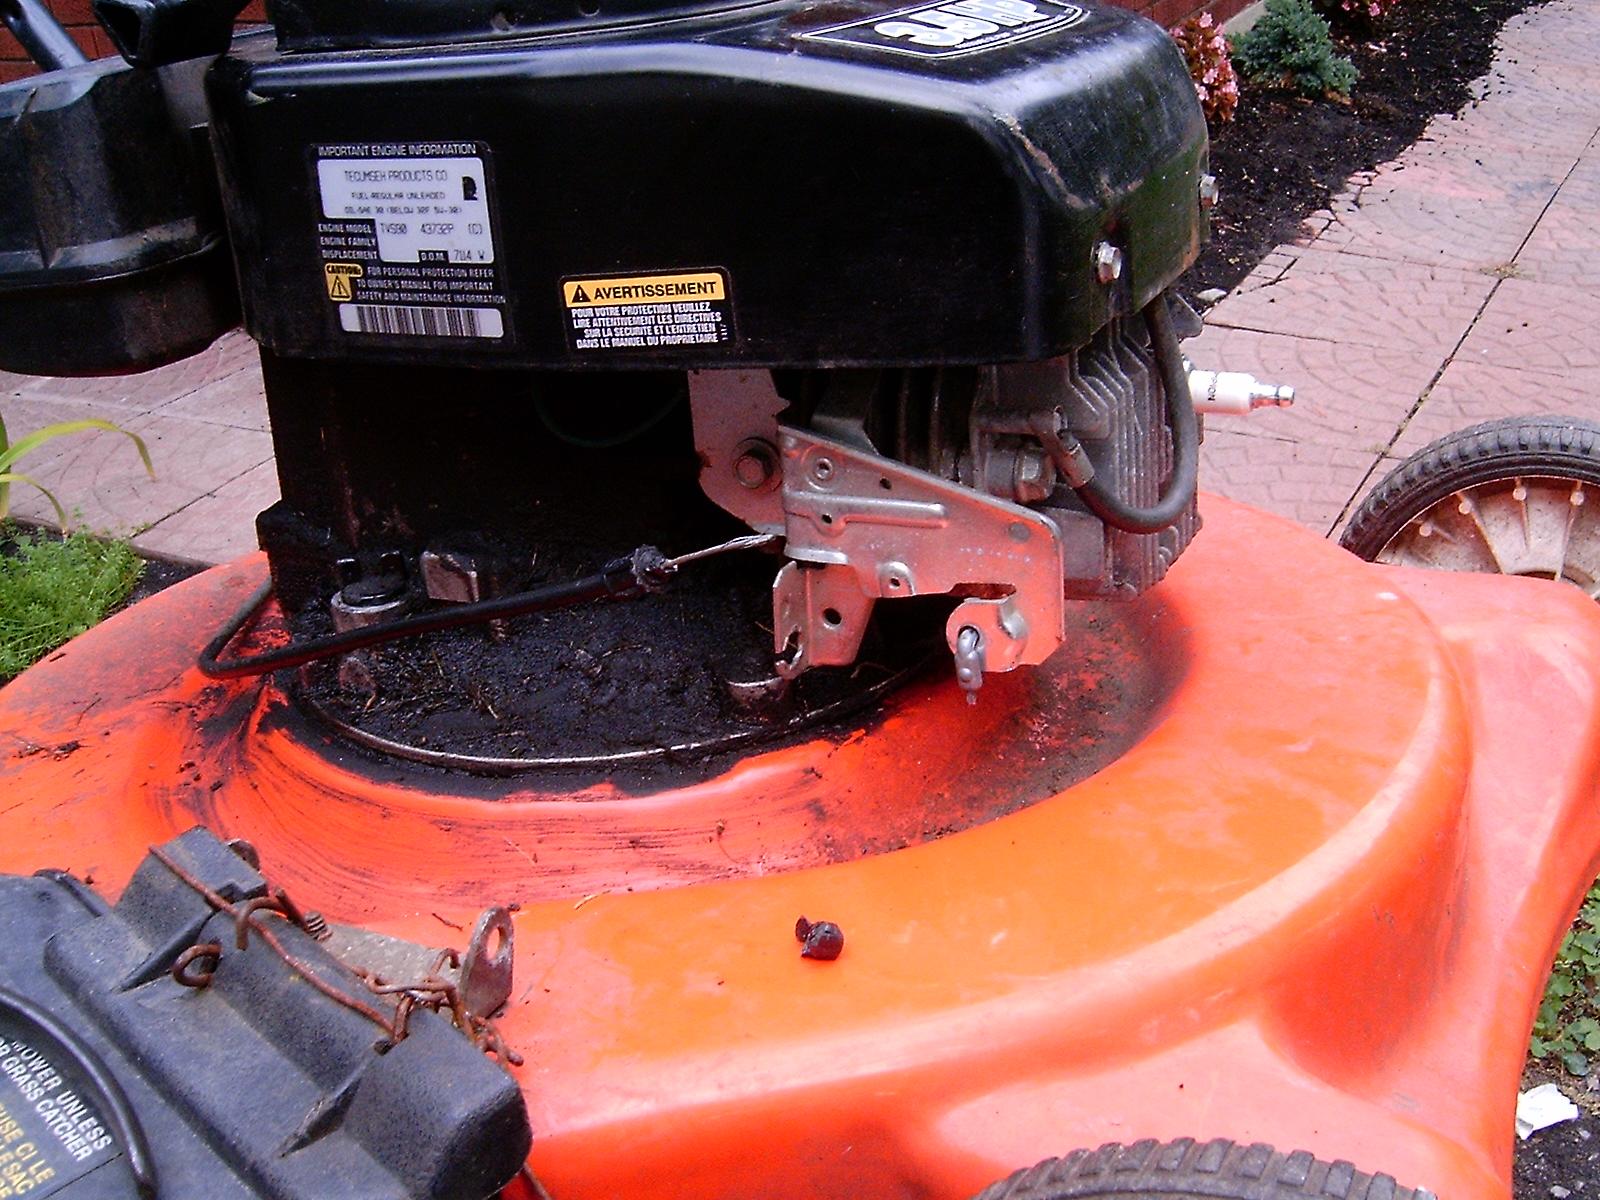 tecumseh c1128 3 5hp engine model tvs90 43732p c rh tecumsehc21128tvs9043732 blogspot com 5 HP Tecumseh Governor Linkage Diagram 5 HP Tecumseh Governor Linkage Diagram